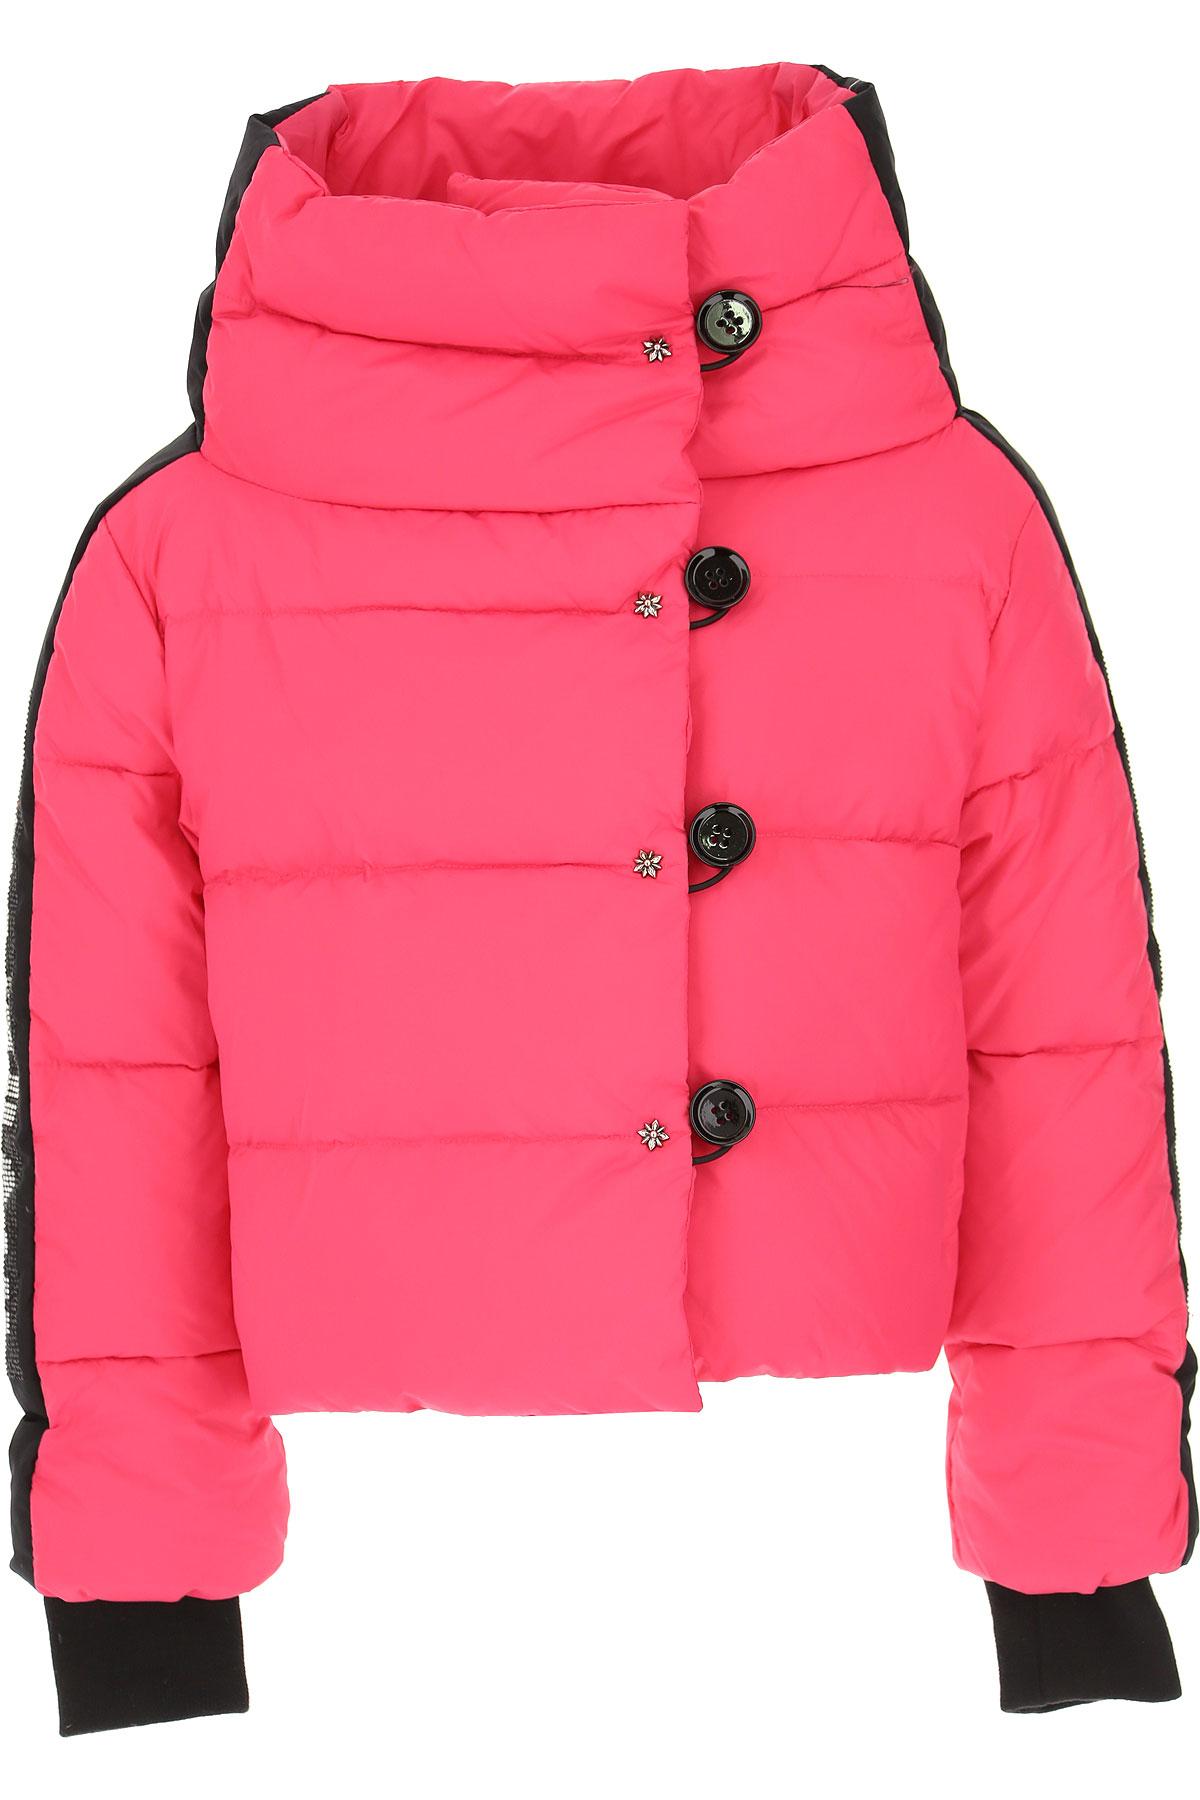 John Richmond Girls Down Jacket for Kids, Puffer Ski Jacket On Sale, Fuchsia, Nylon, 2019, 12Y 14Y 16Y 8Y